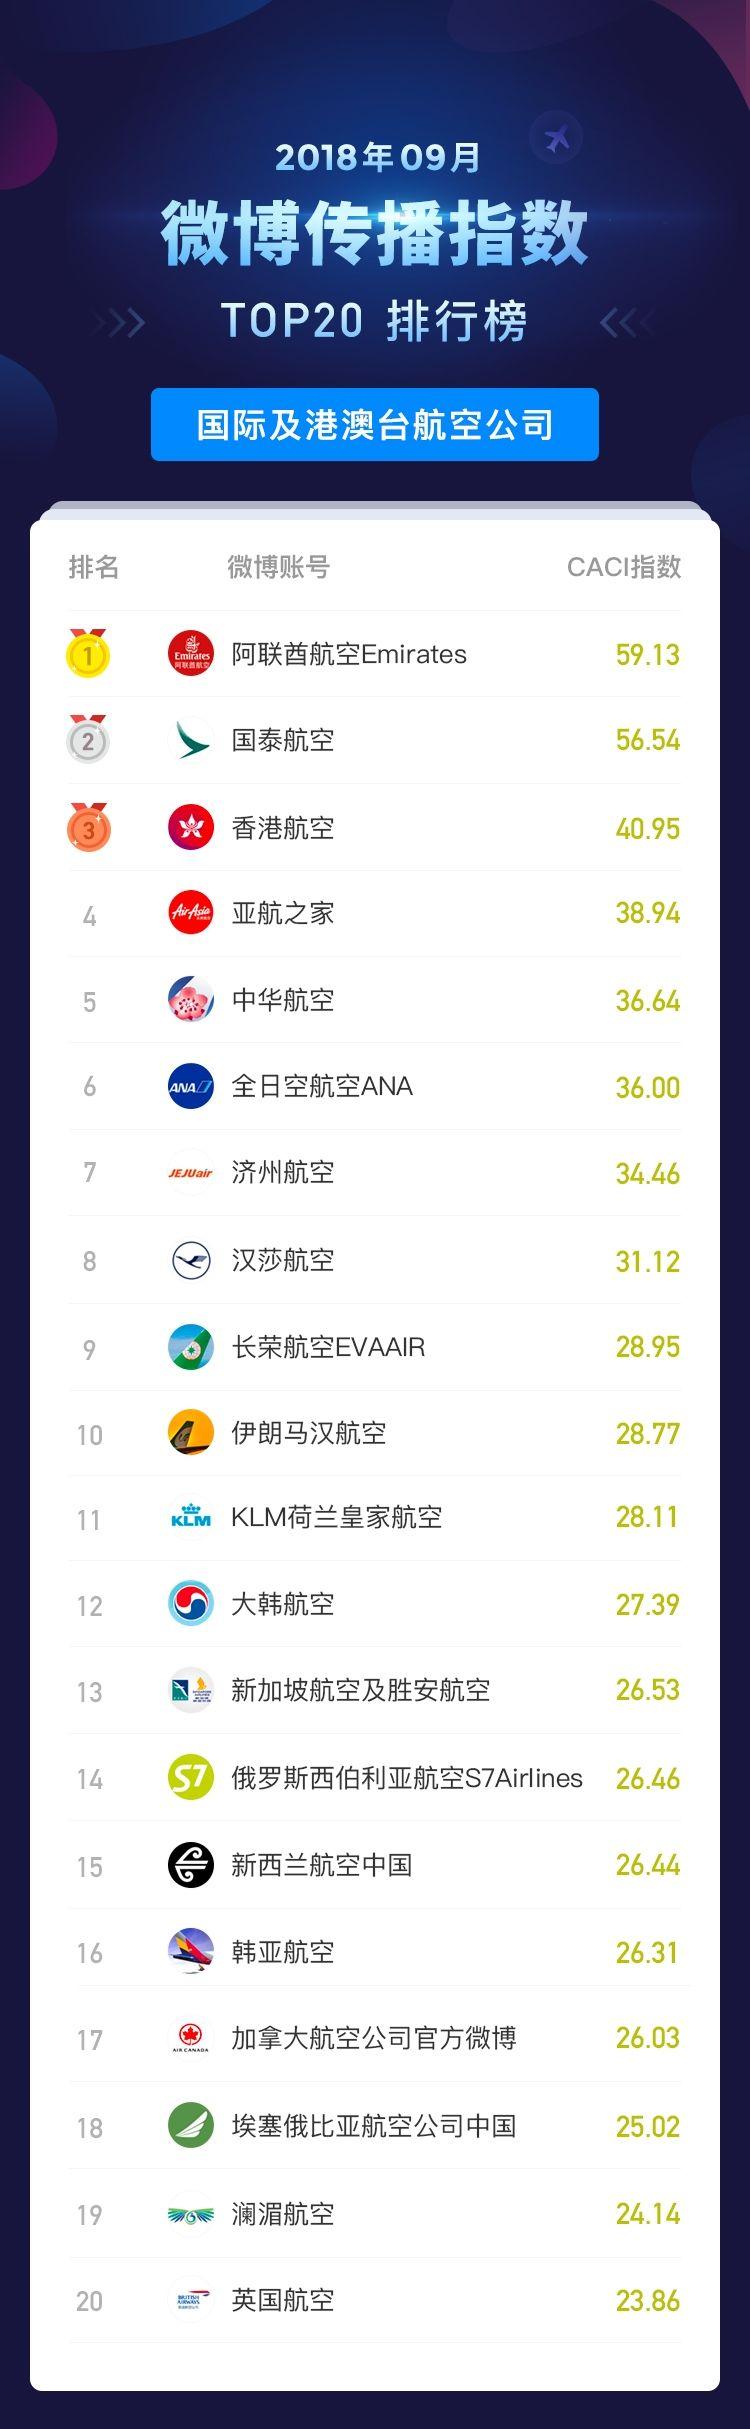 2018年9月民航传播指数_微博传播指数排行榜_国际及港澳台航空公司 摄影:孔瑞/制图